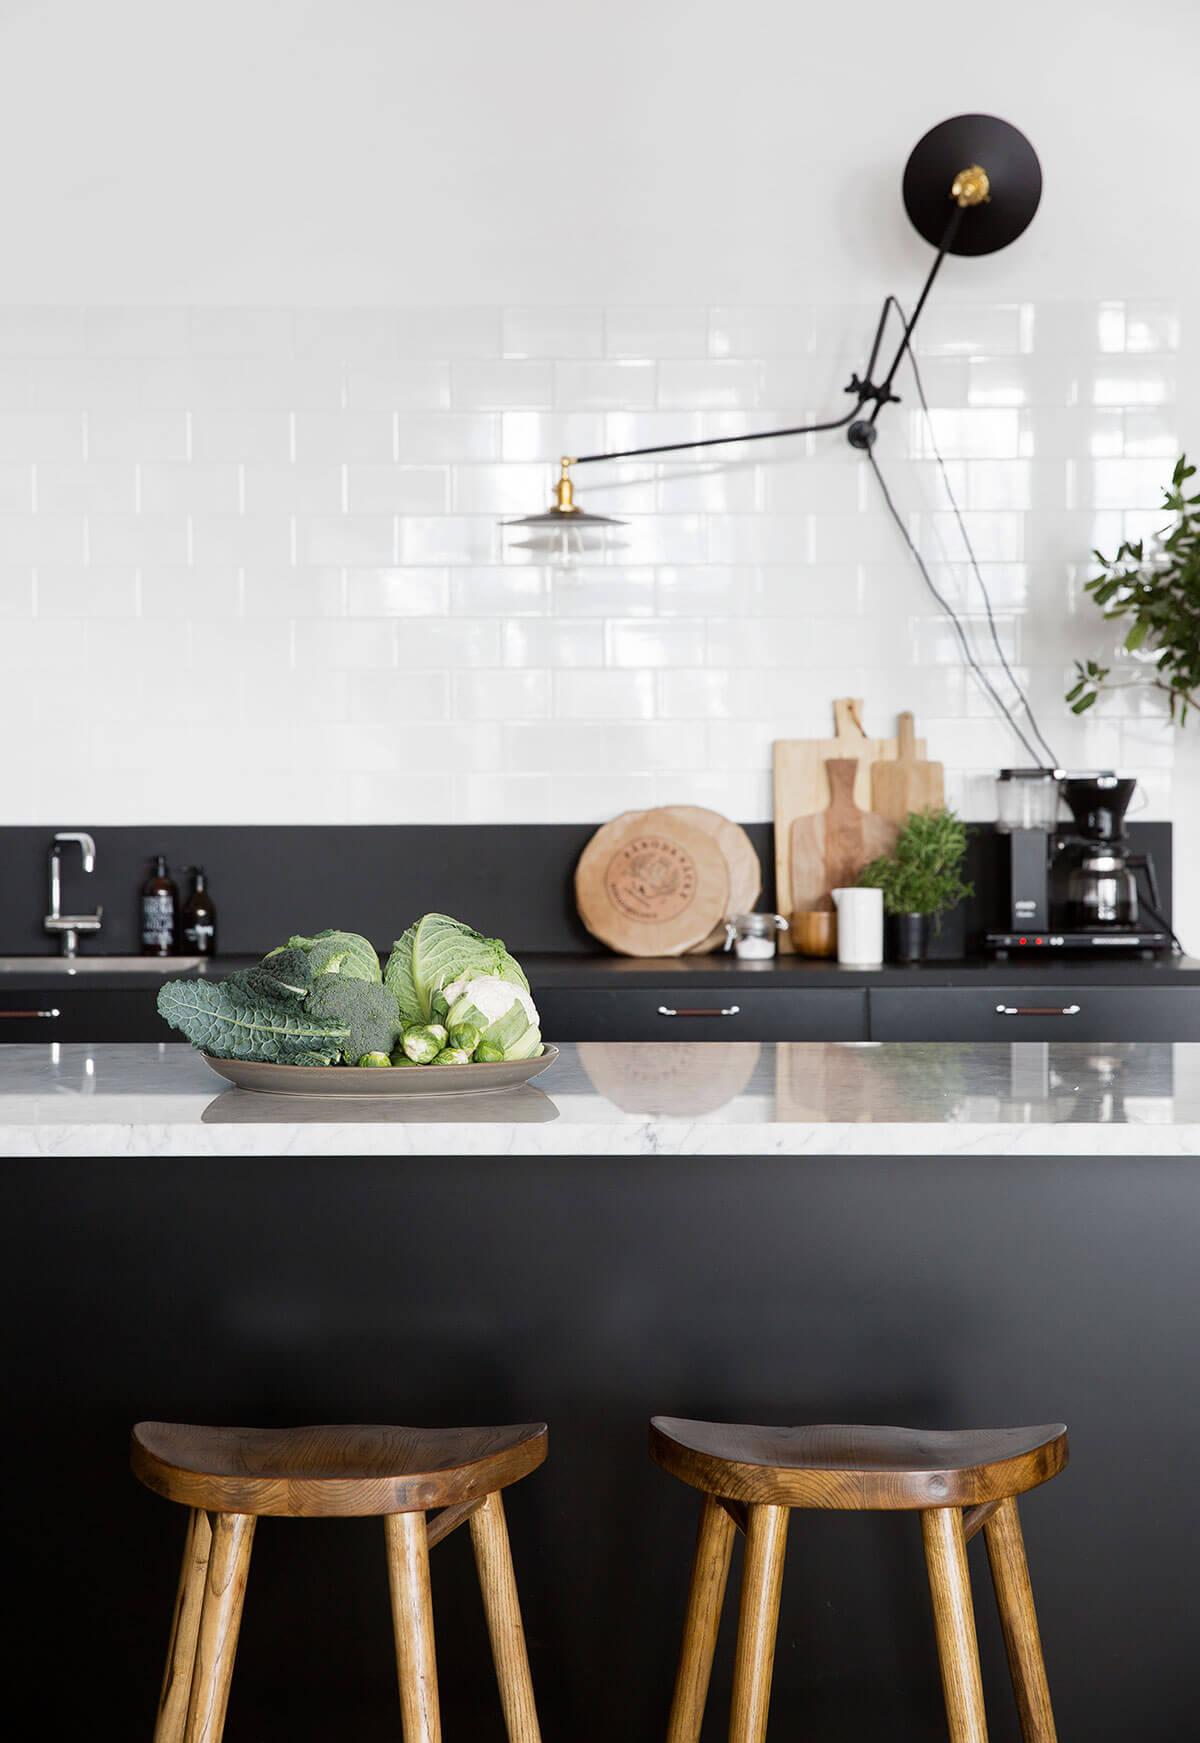 cuisine-scandinave-nordique-look-noir-blanc-FrenchyFancy-1